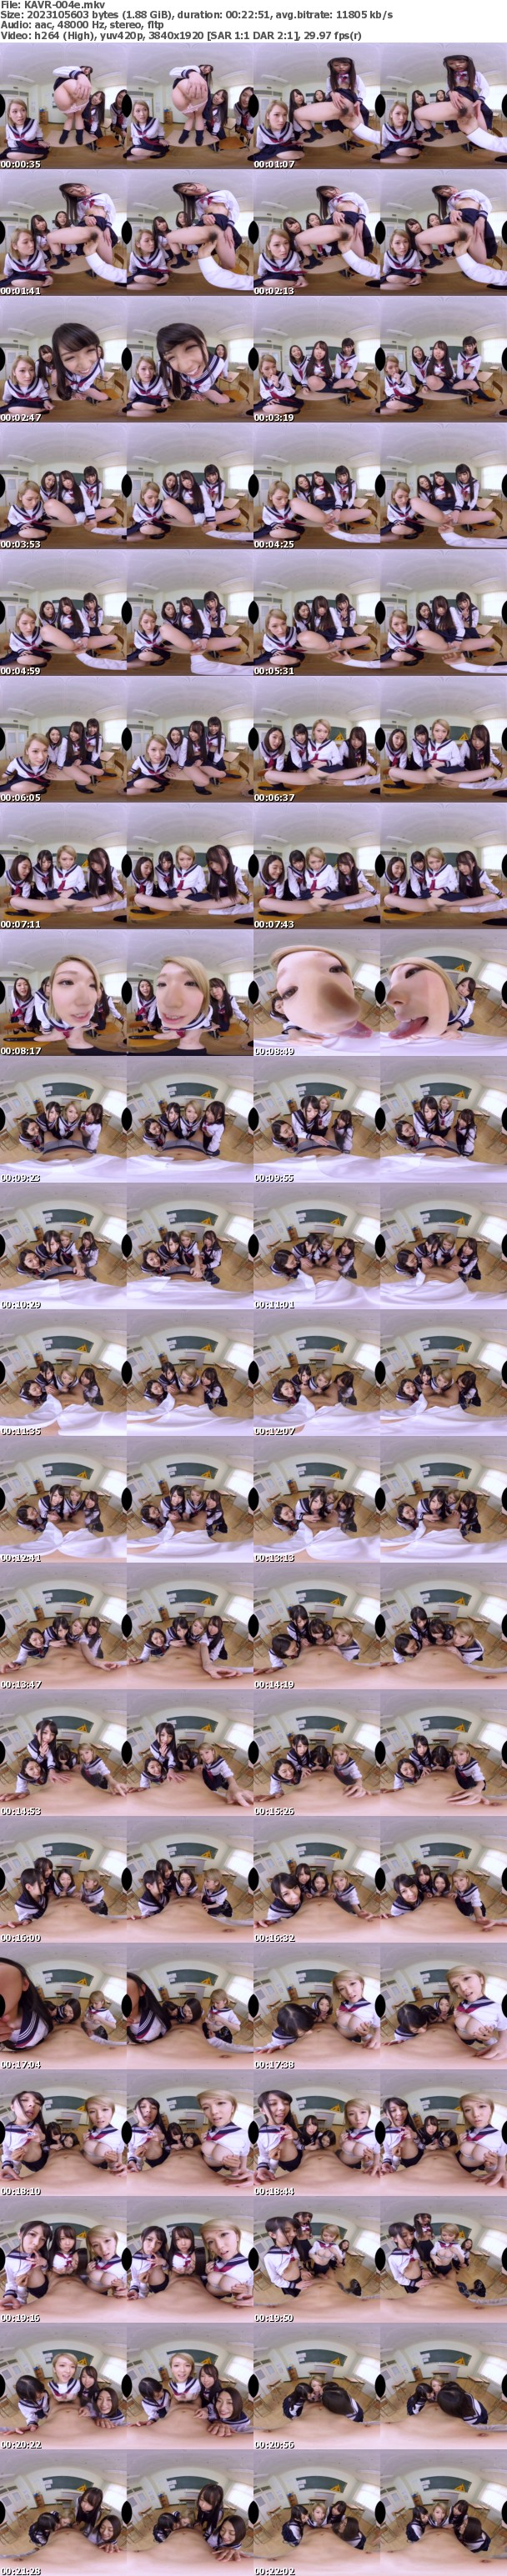 VR/3D [KAVR-004] 【VR】最高かよ!男女比率1:9ほぼ女子校ラッキースケベVR 鉄板あるあるエロシチュエーション長尺140分ハーレム大乱交スペシャル